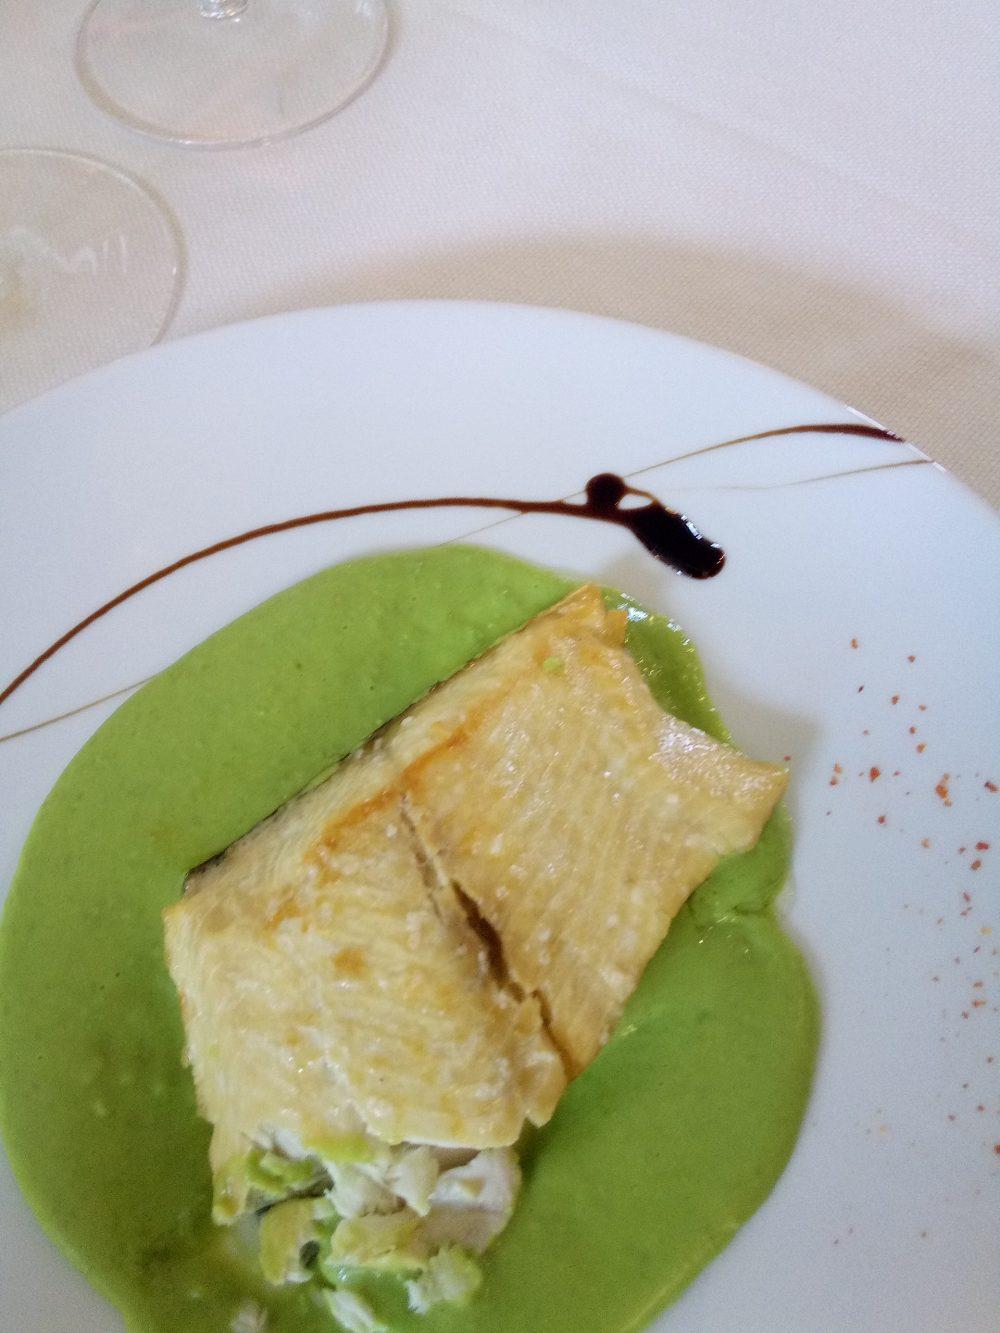 Trattoria Visconti, Filetto di salmerino con crema di piselli